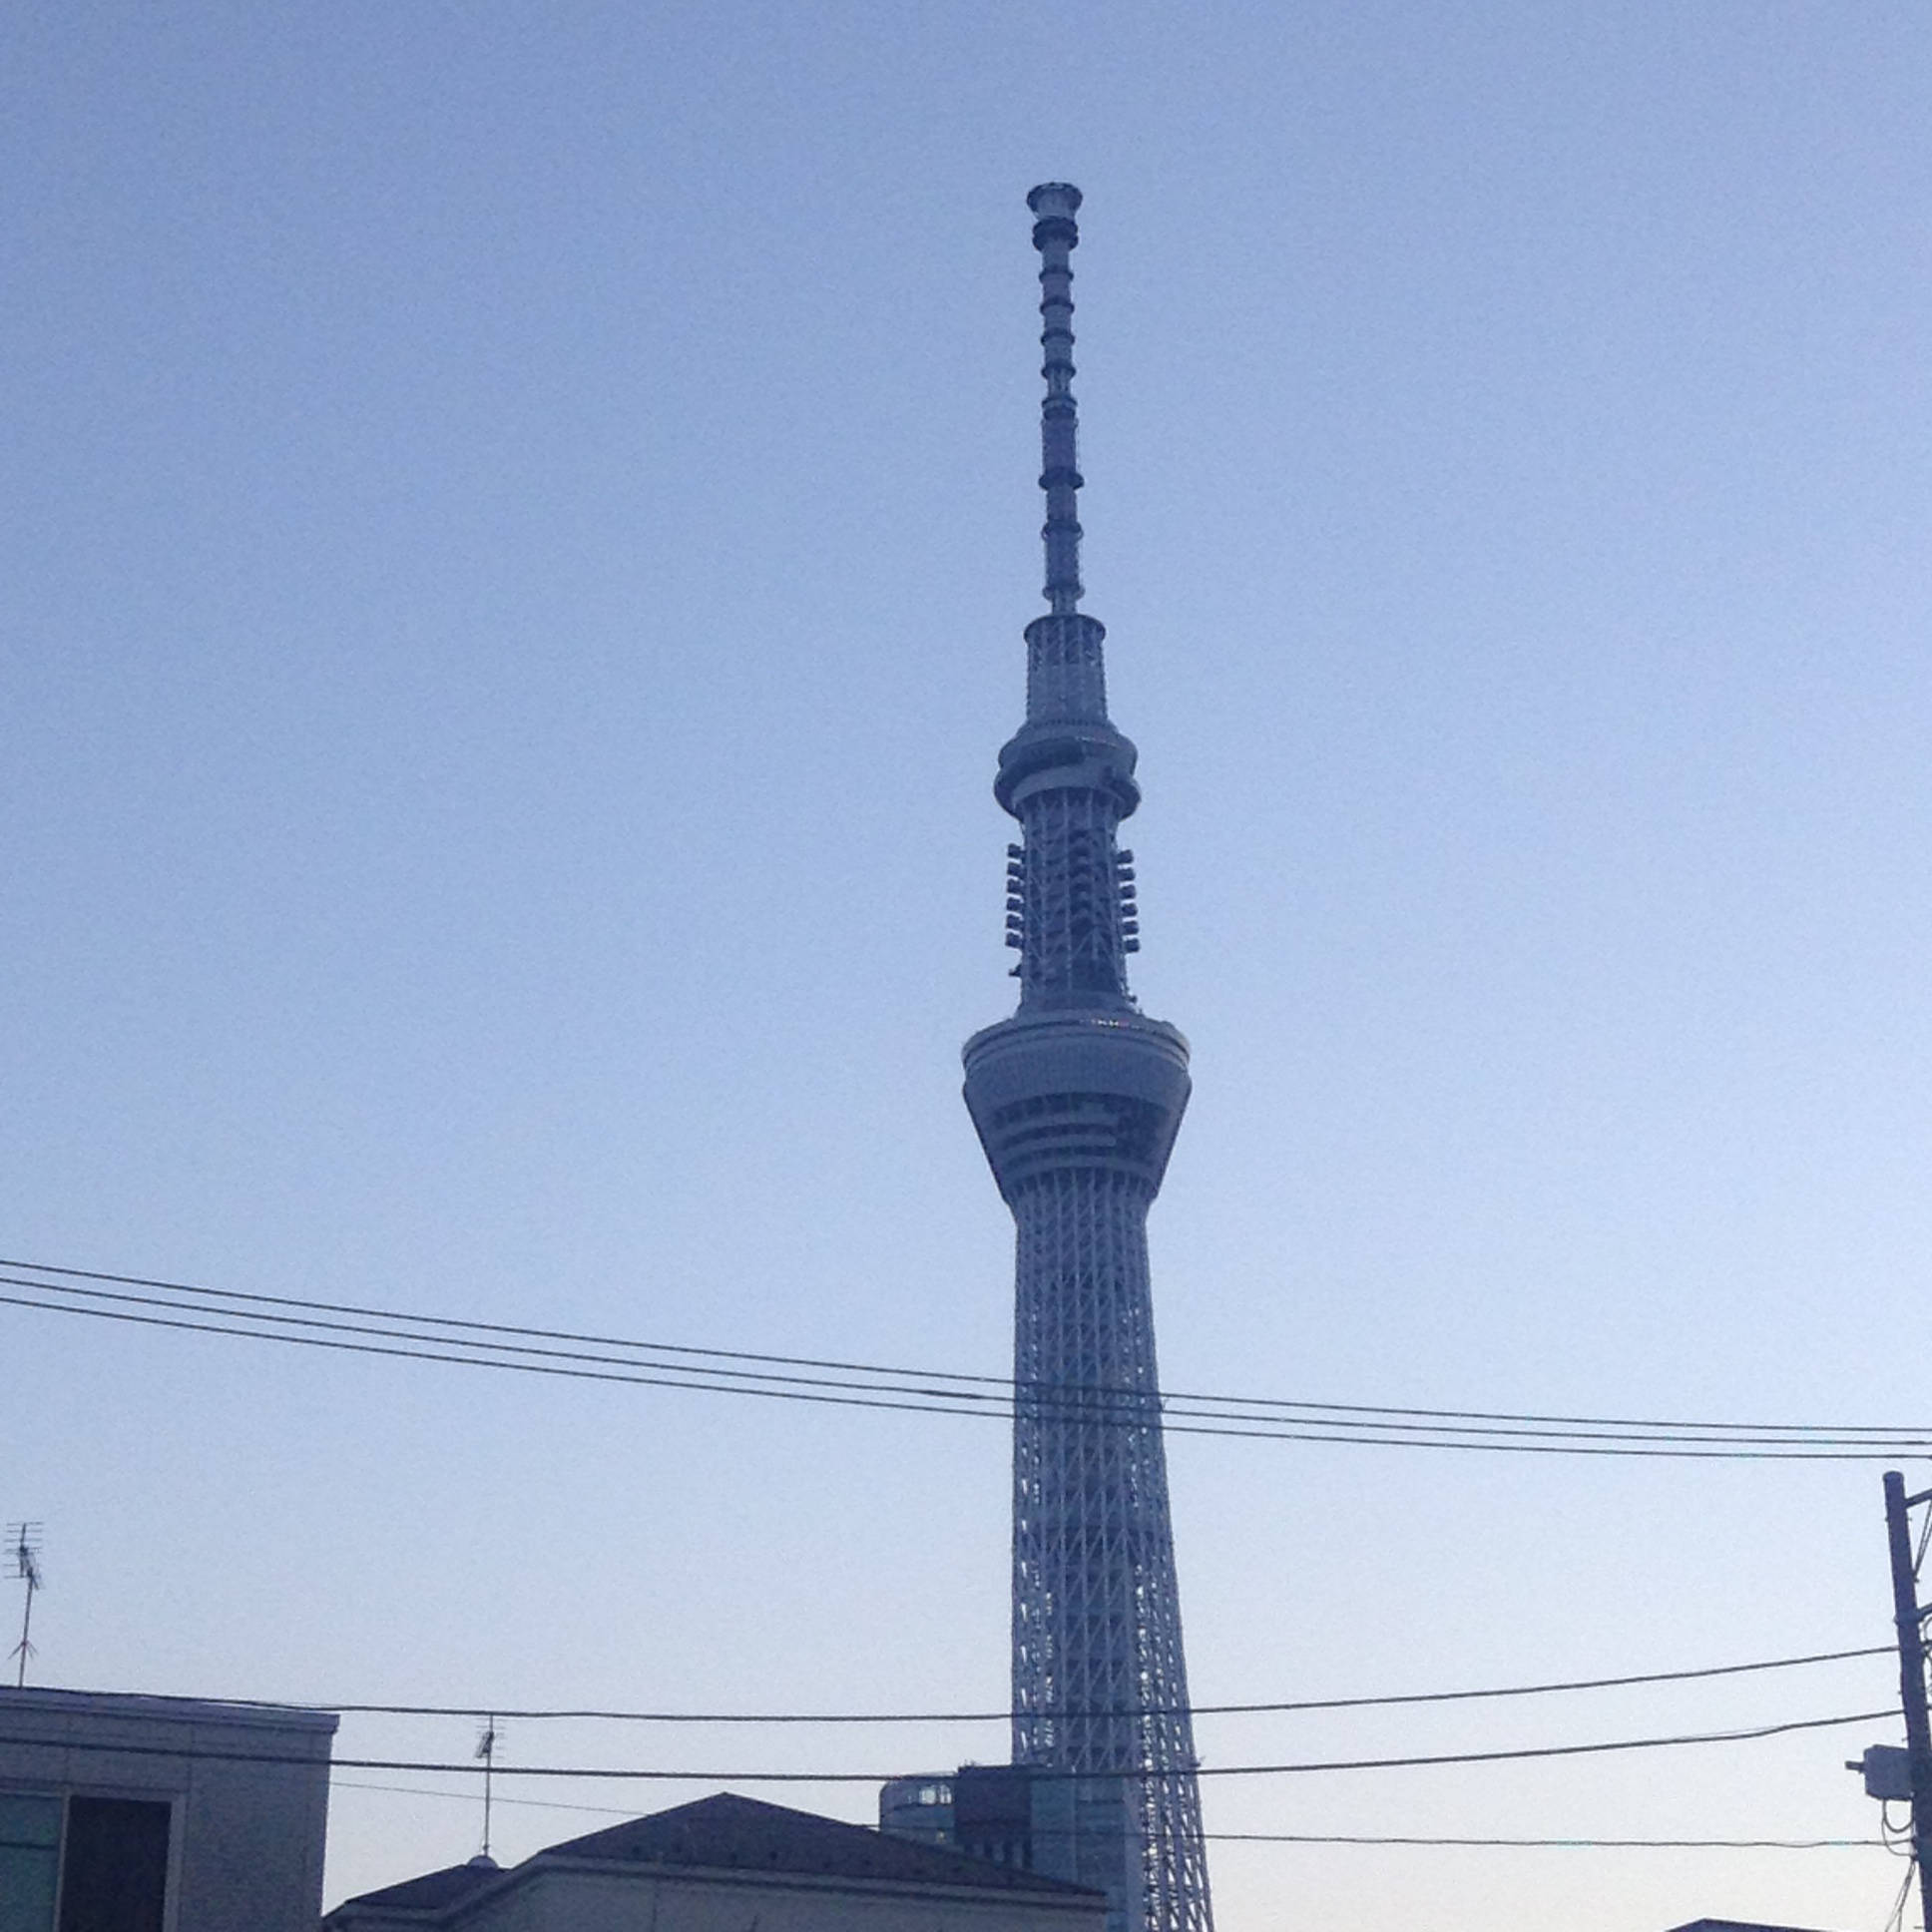 東京スカイツリー上部の写真